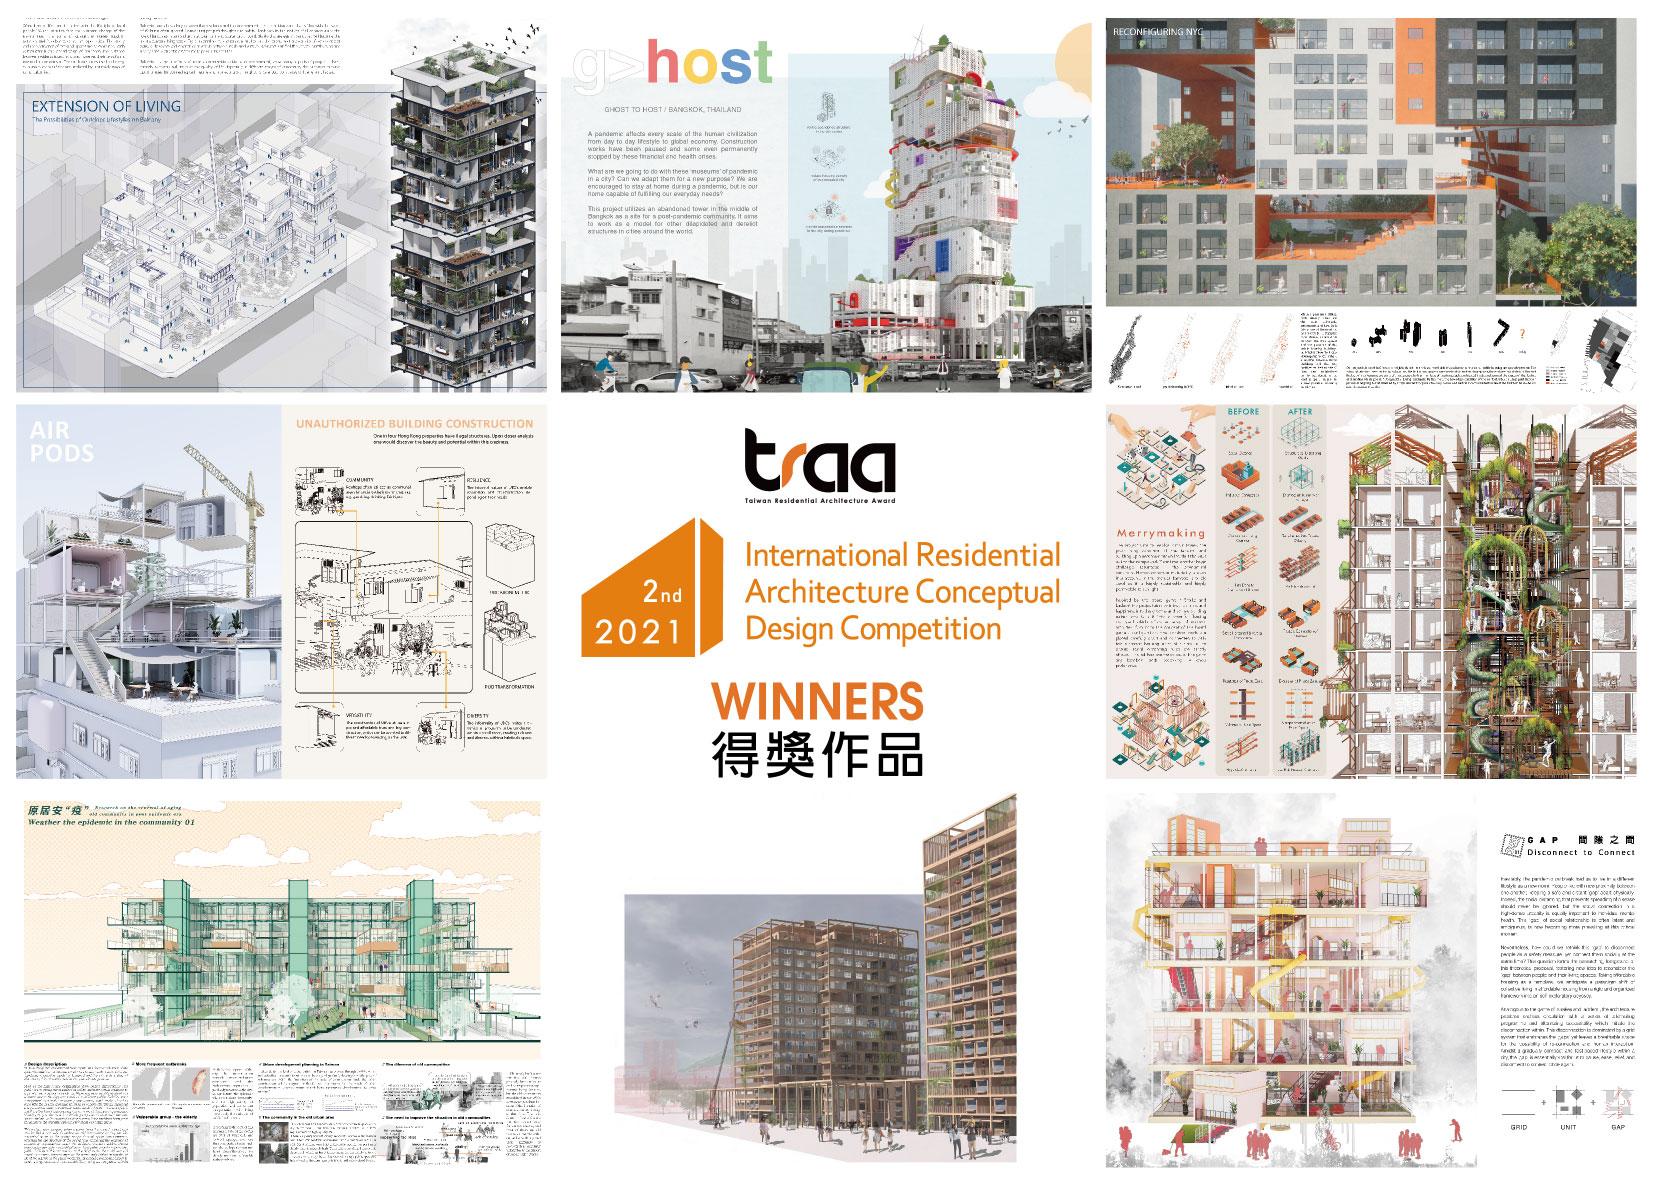 「2021紙上住宅建築國際競圖」結果出爐